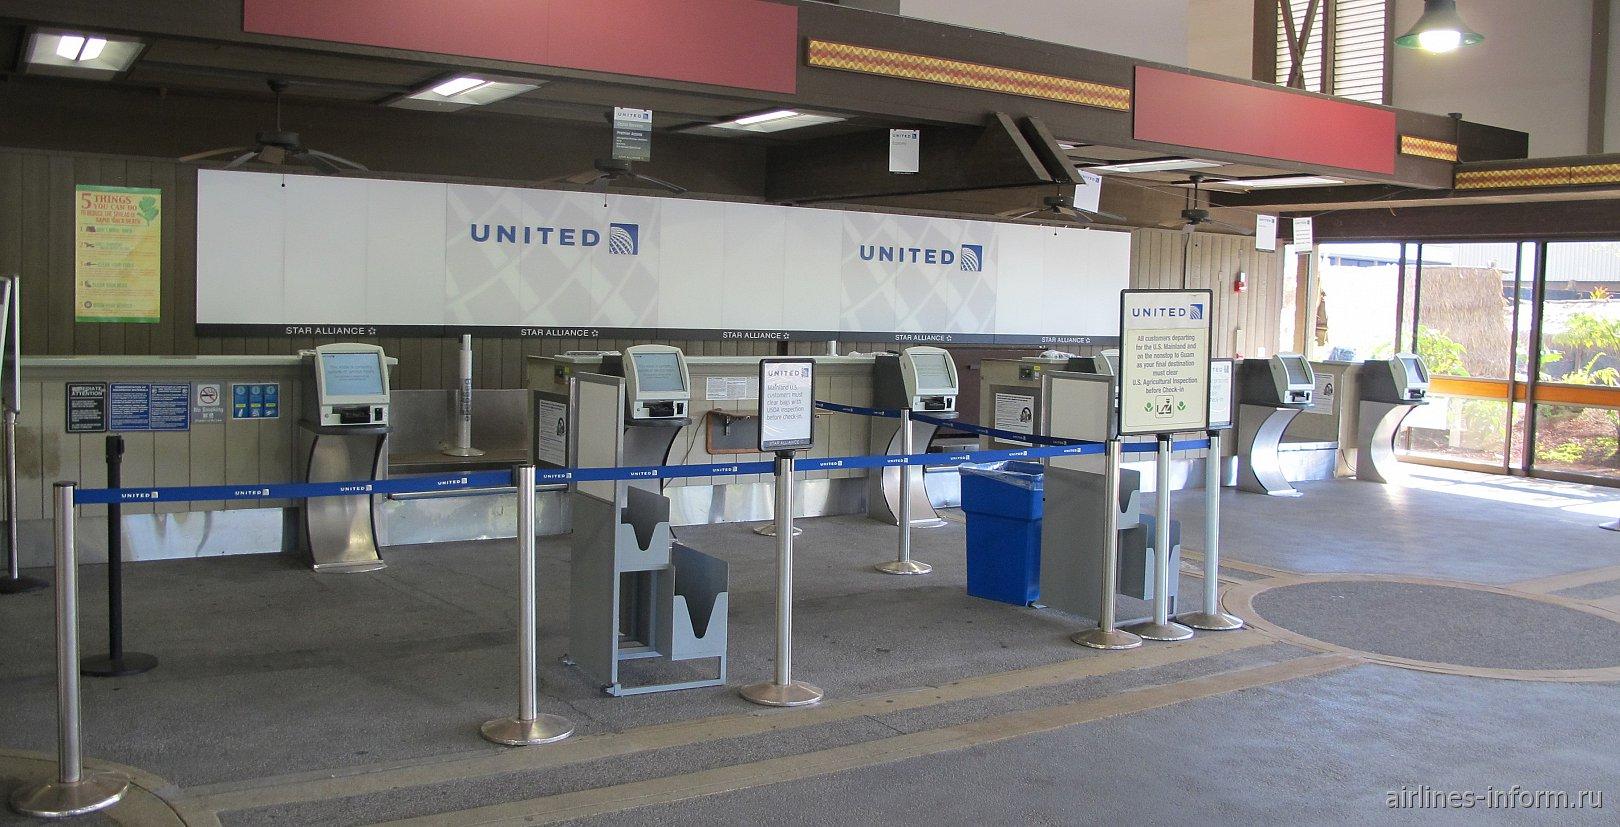 Зона регистрации авиакомпании United в аэропорту Хило